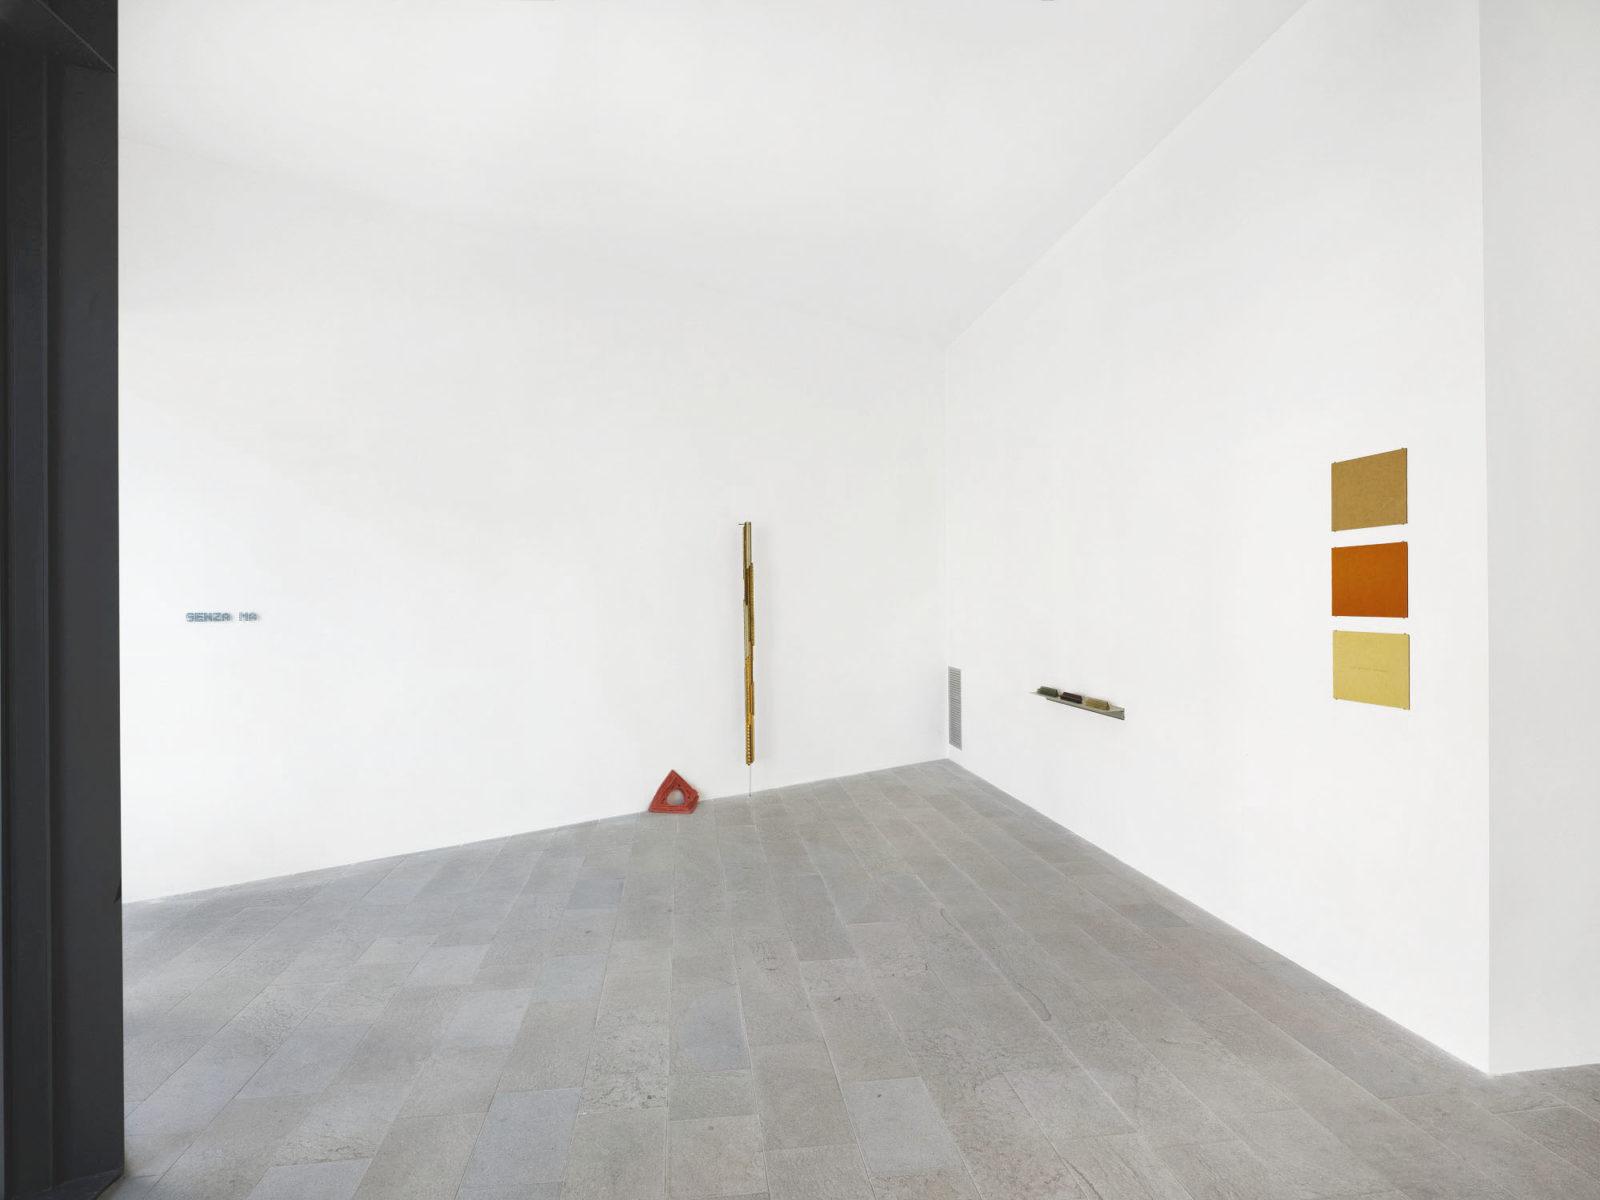 Penzo+Fiore, IlQuartoStato, Exhibition view, ph. G. Cecchinato